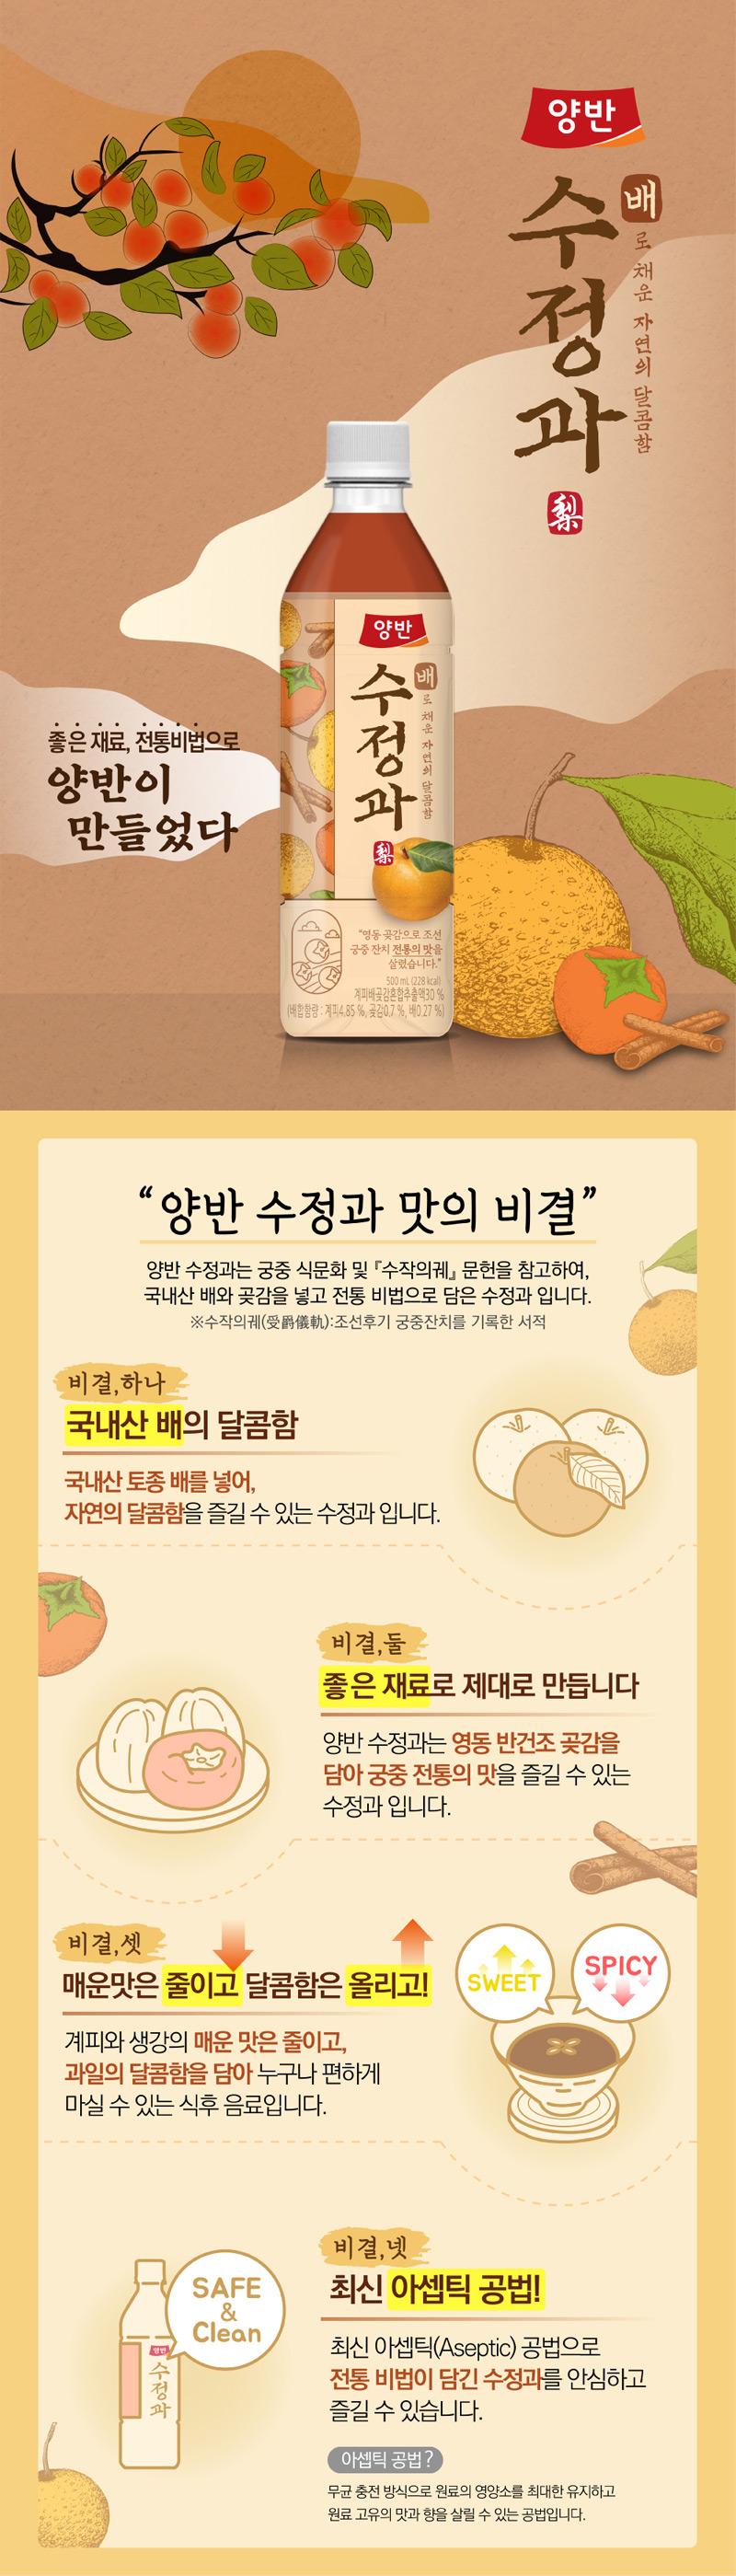 양반 배로 채운 자연의 달콤함 수정과